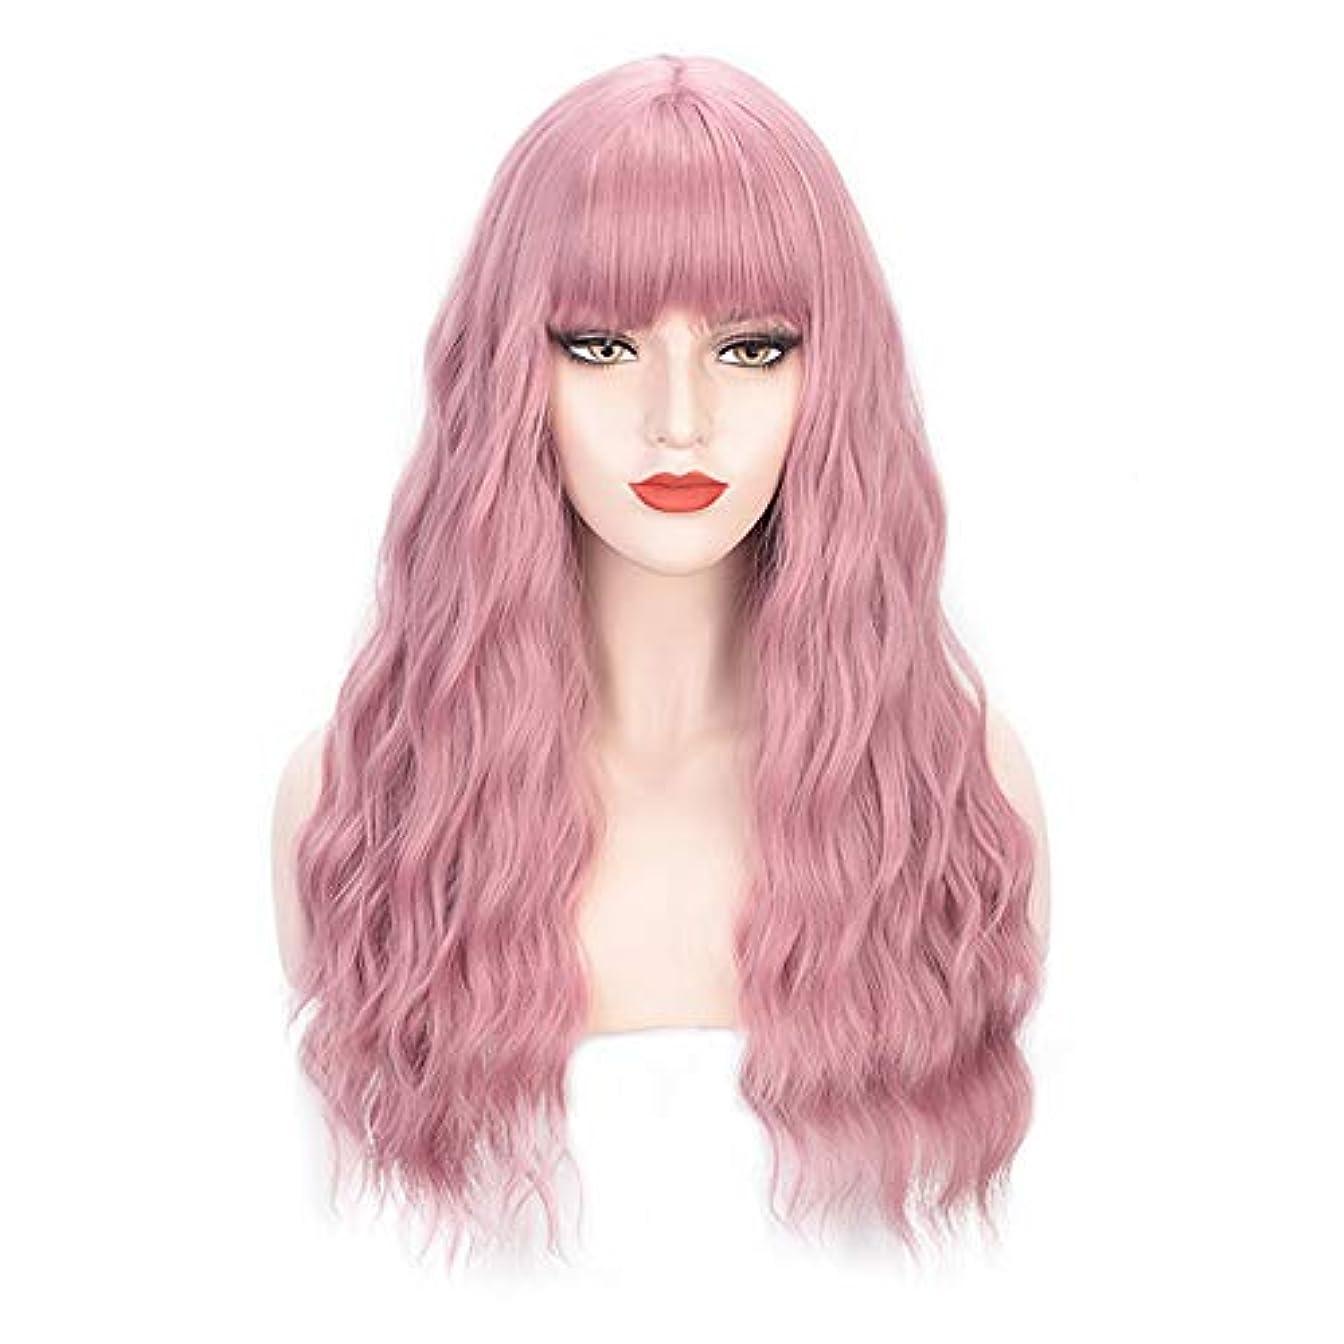 気性防水ゴールドヘアピースロングカーリー女性女の子魅力的な合成かつら人工シルクヘアウィッグ高温風量ソフトカーリーロングカーリービッグウェーブヘアウィッグコスプレ28インチ